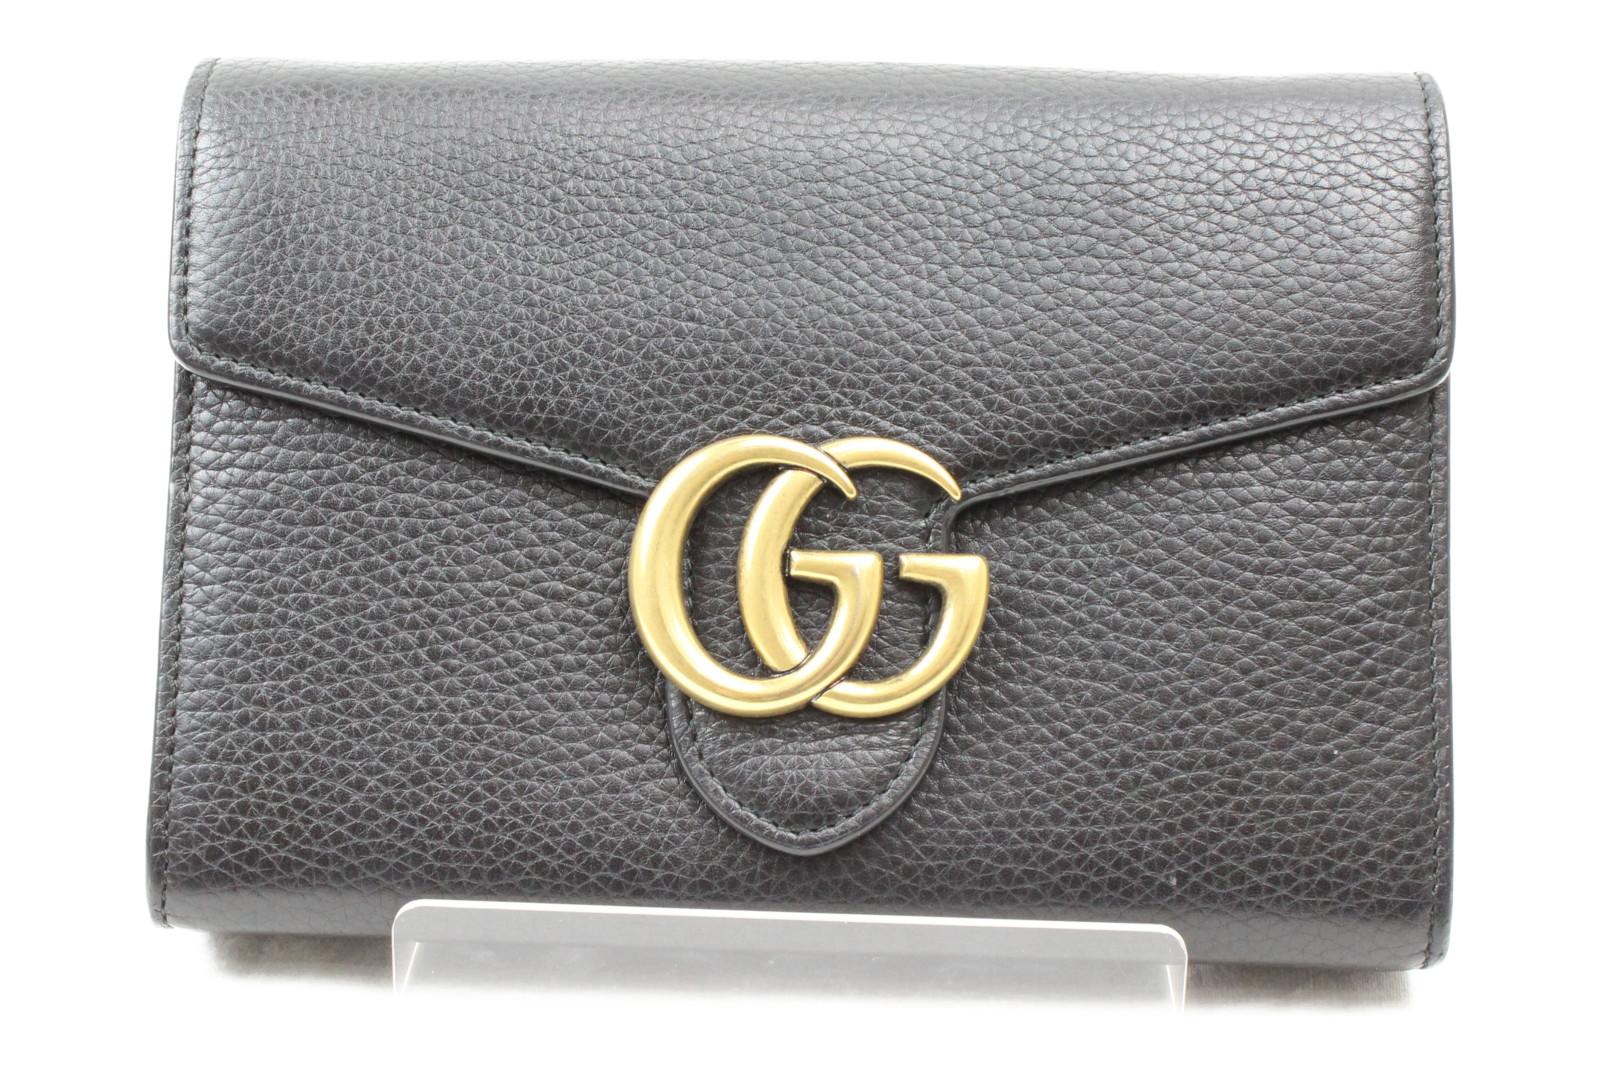 a1a599c87406 GUCCI グッチGGマーモント チェーンウォレット 401232ブラック レザー 財布シンプル 斜め掛け プレゼント包装可